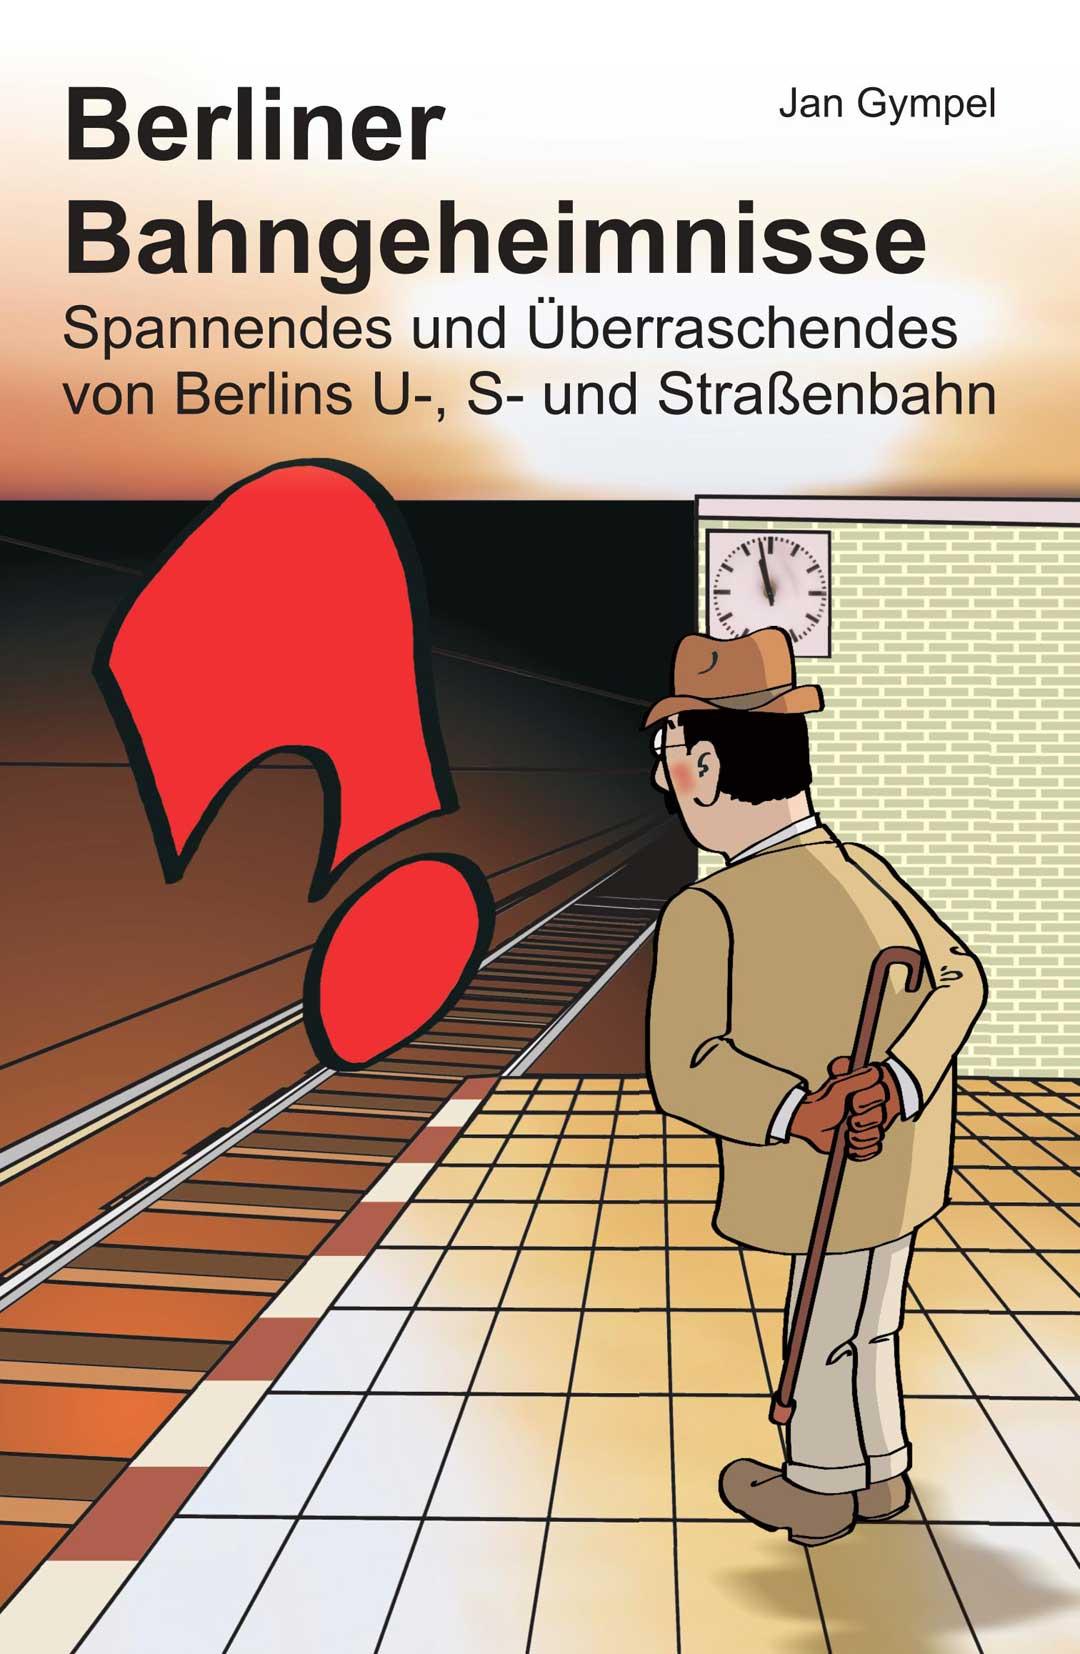 Nur am 23.09. um 18.00 Uhr: Buchpremiere in Wort und Bild Berliner Bahngeheimnisse